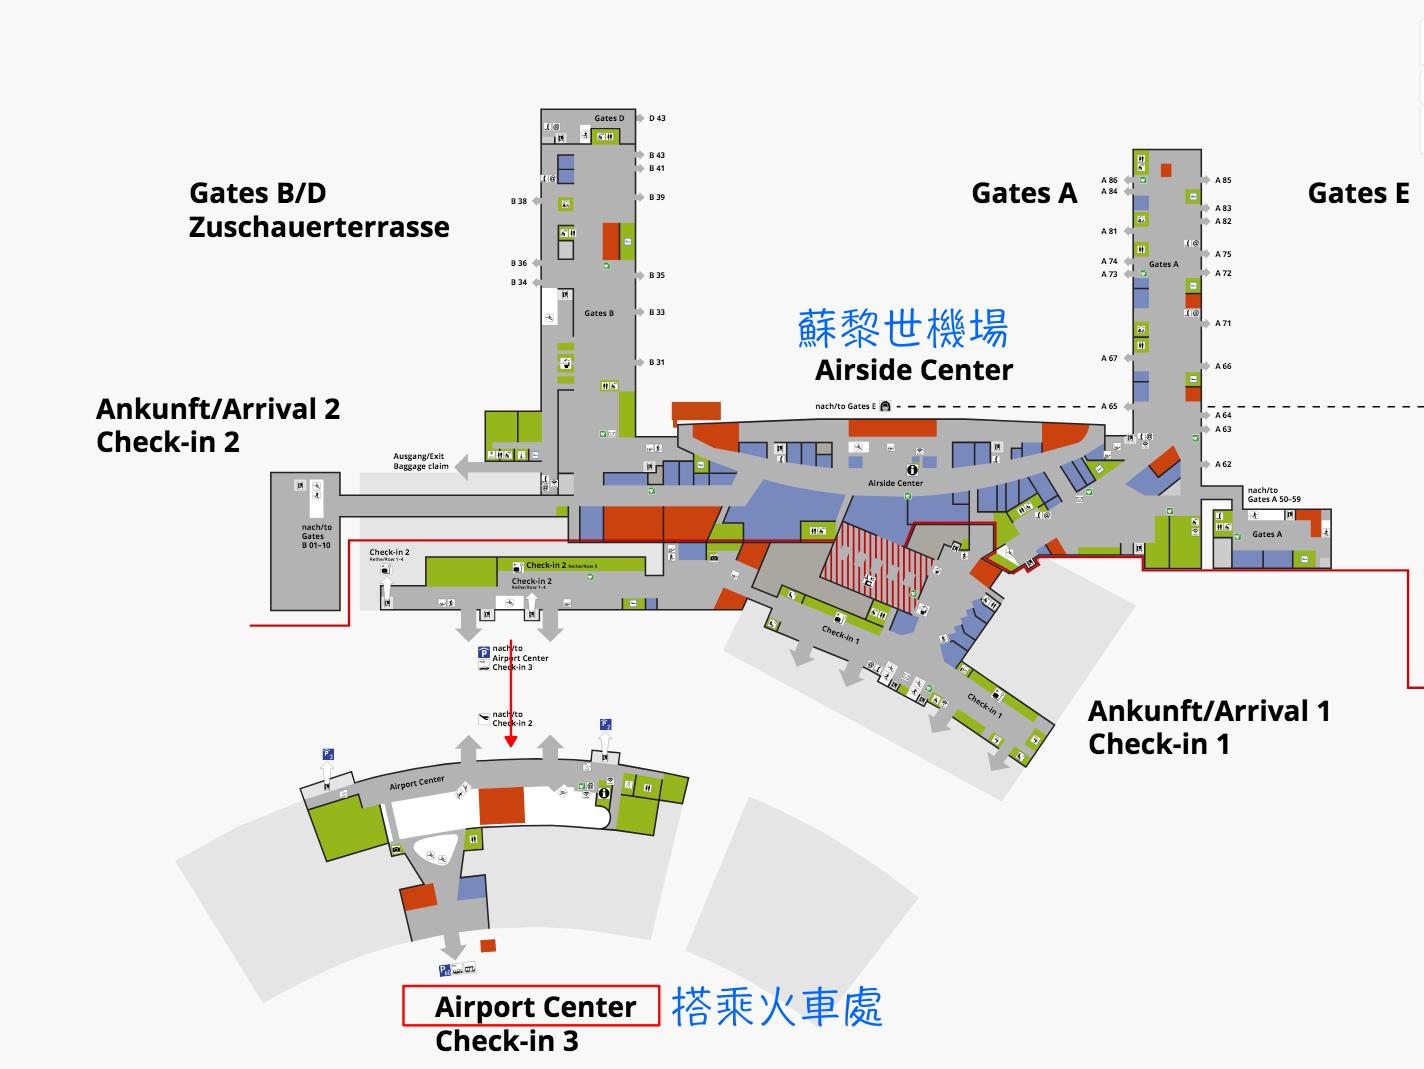 2019瑞士蘇黎世機場圖.png